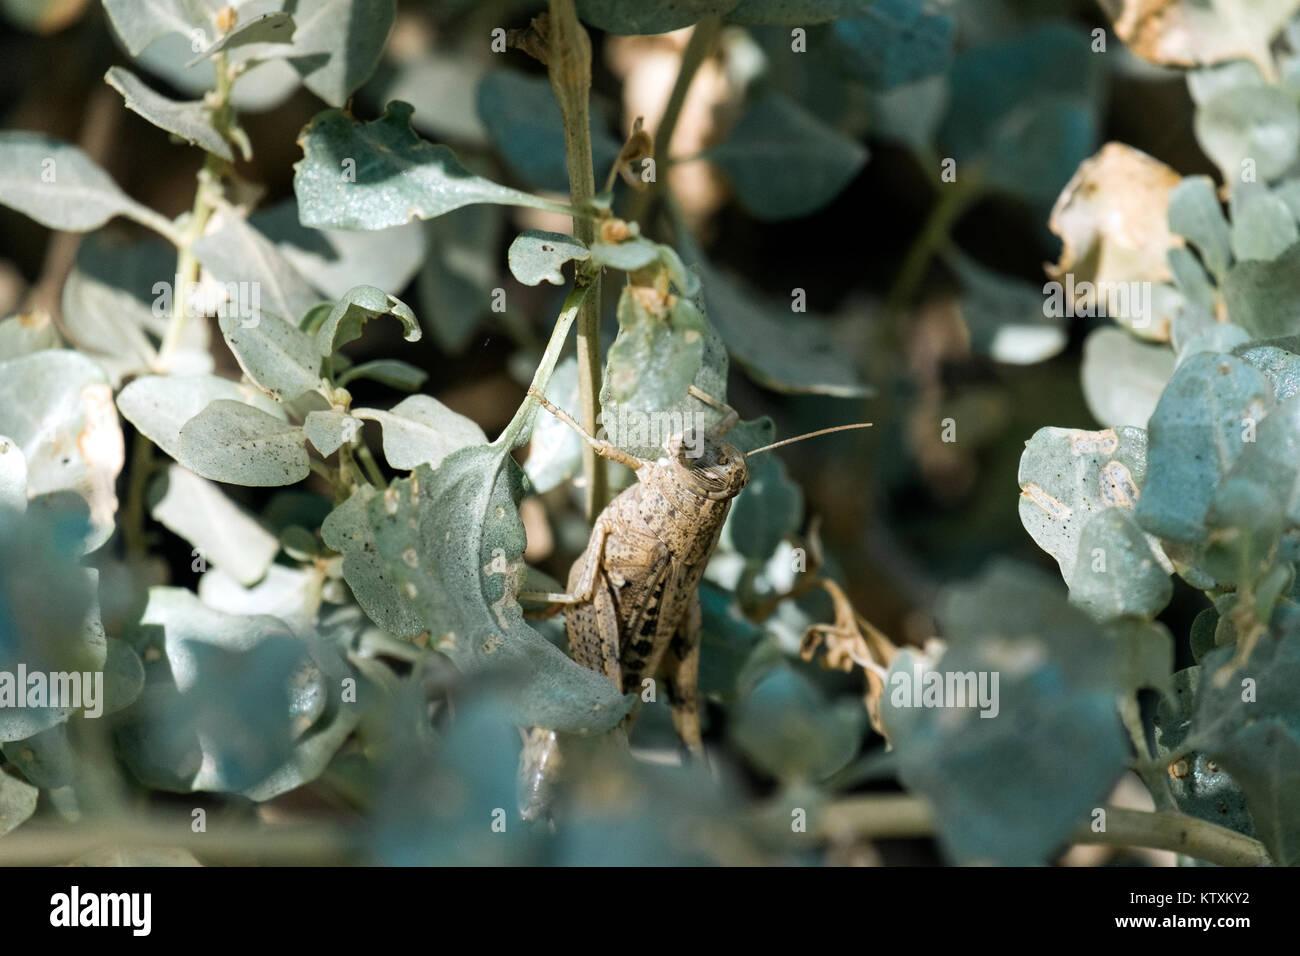 Wandernde Heuschrecke sitzt unter dem grünen Laub der Bush (Locusta migratoria) Stockbild